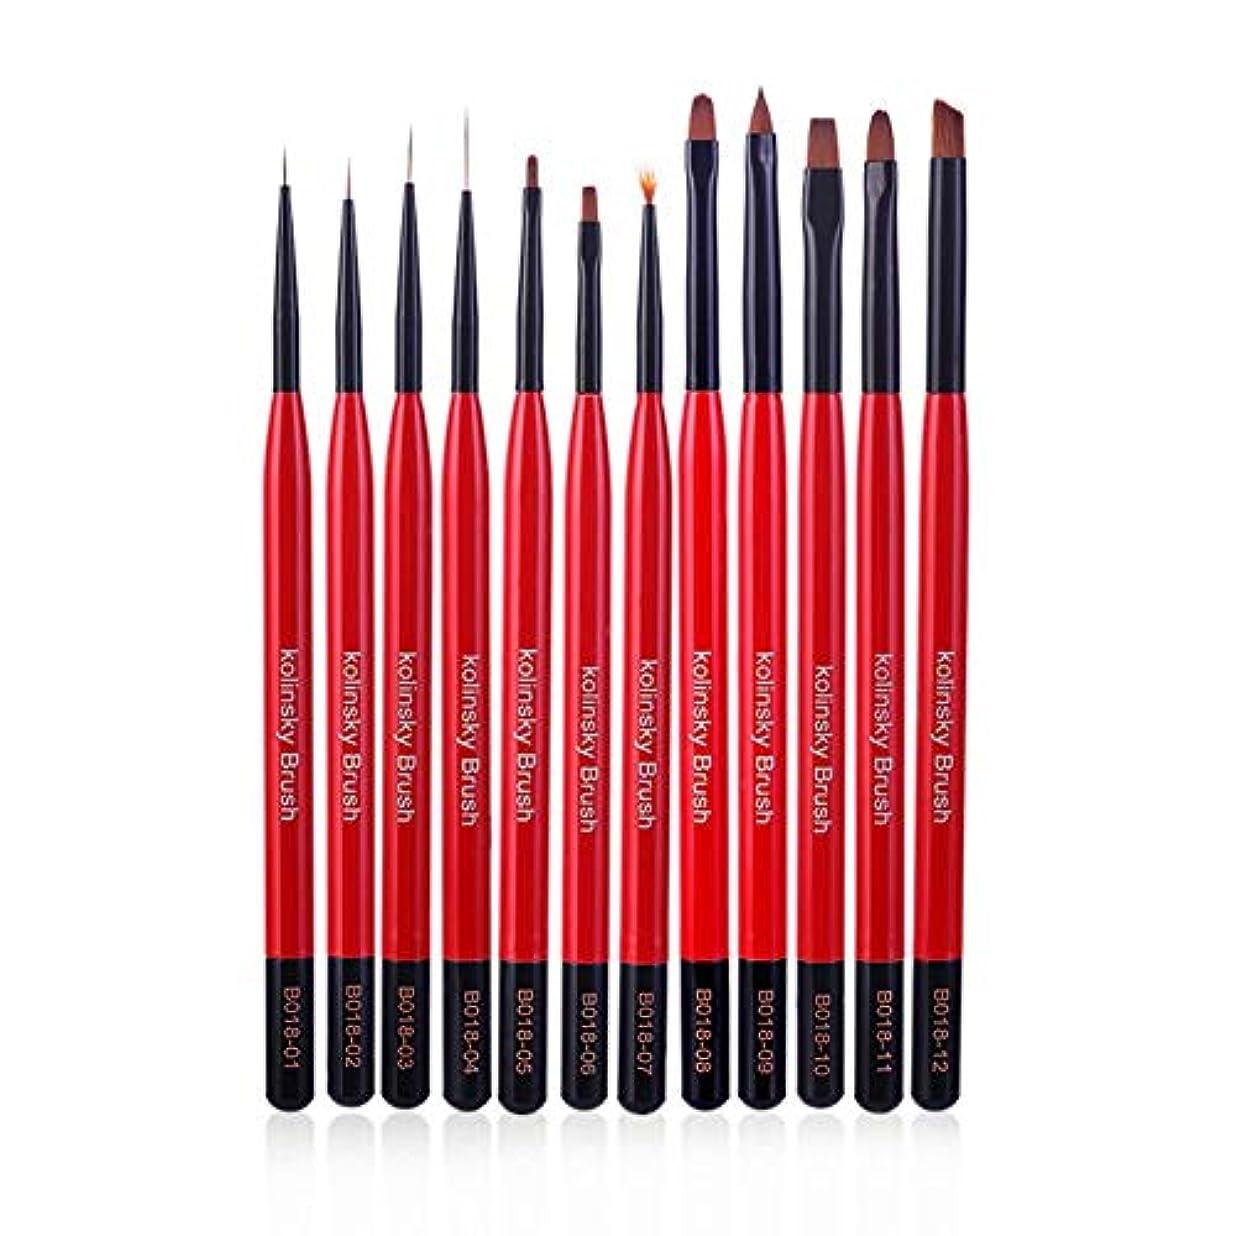 12本プロ マニキュアジェル 絵画ブラシ アートライナーブラシ ネイル絵画ペン マニキュア ネイル美容ツール